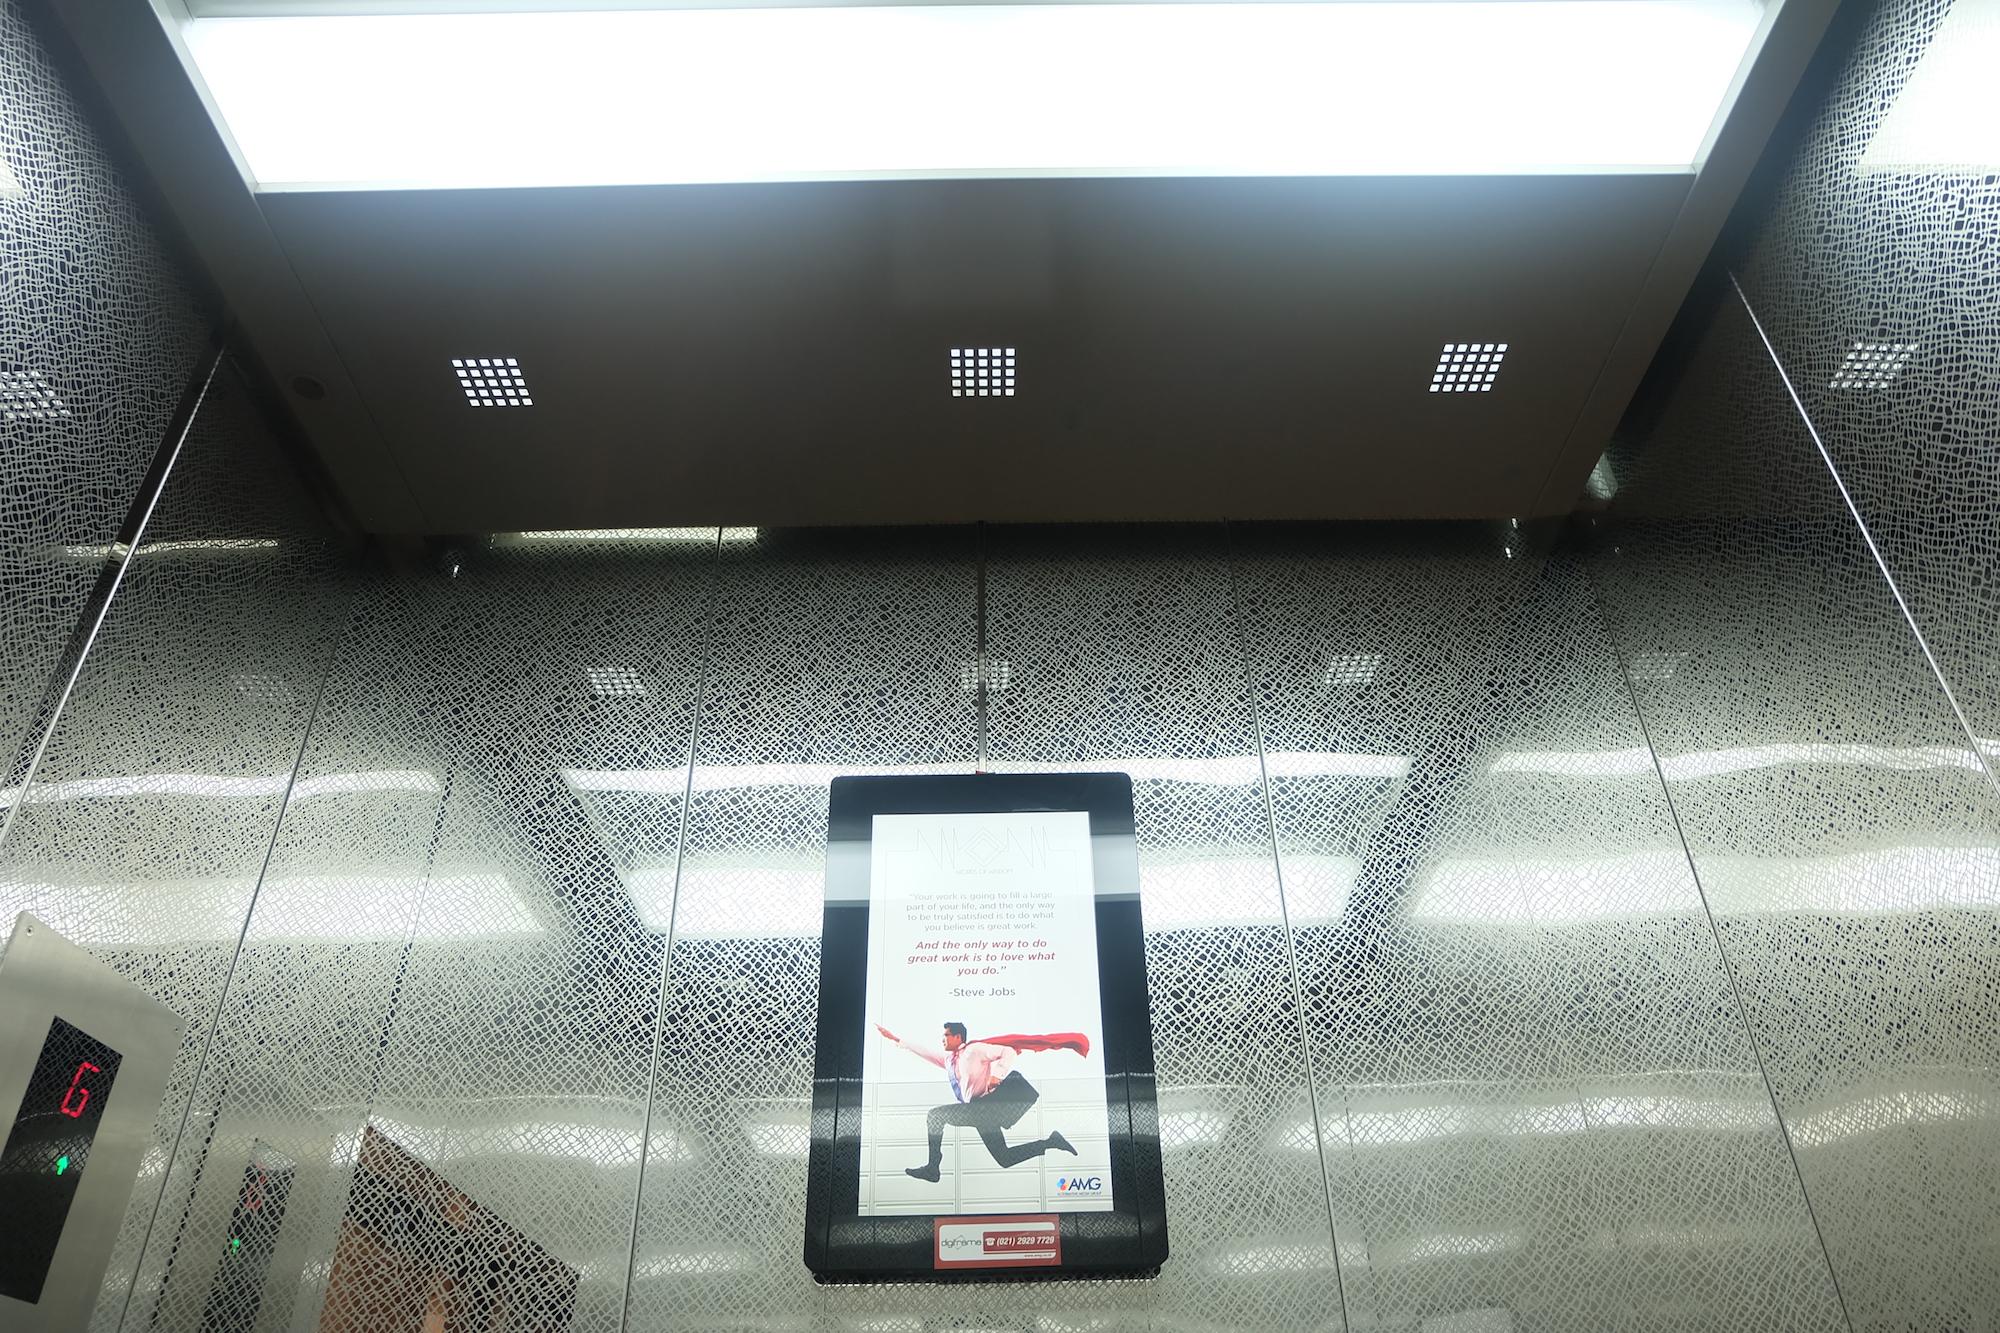 Lift 4